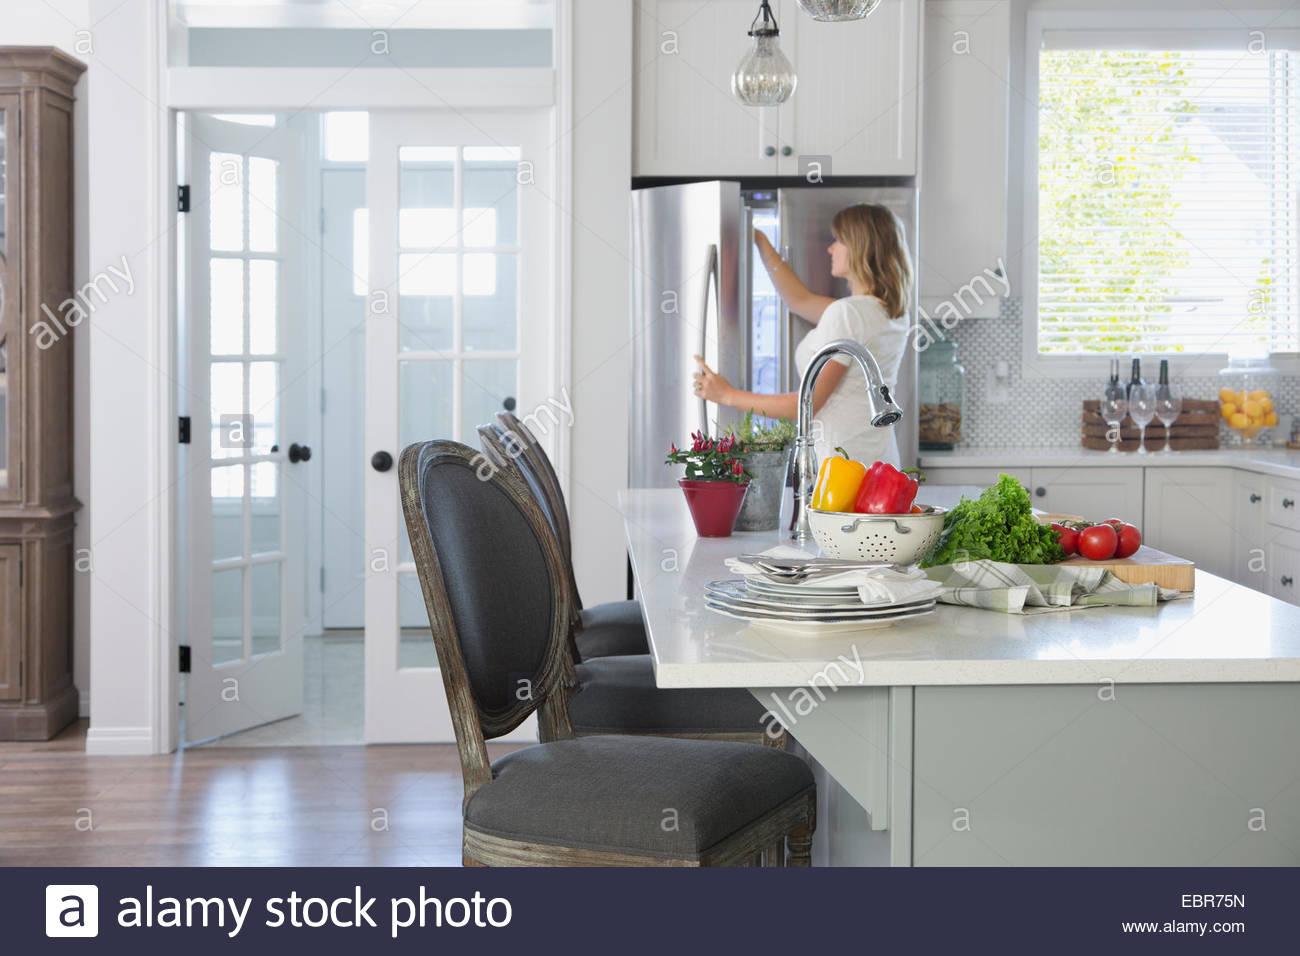 Woman opening freezer door in kitchen - Stock Image